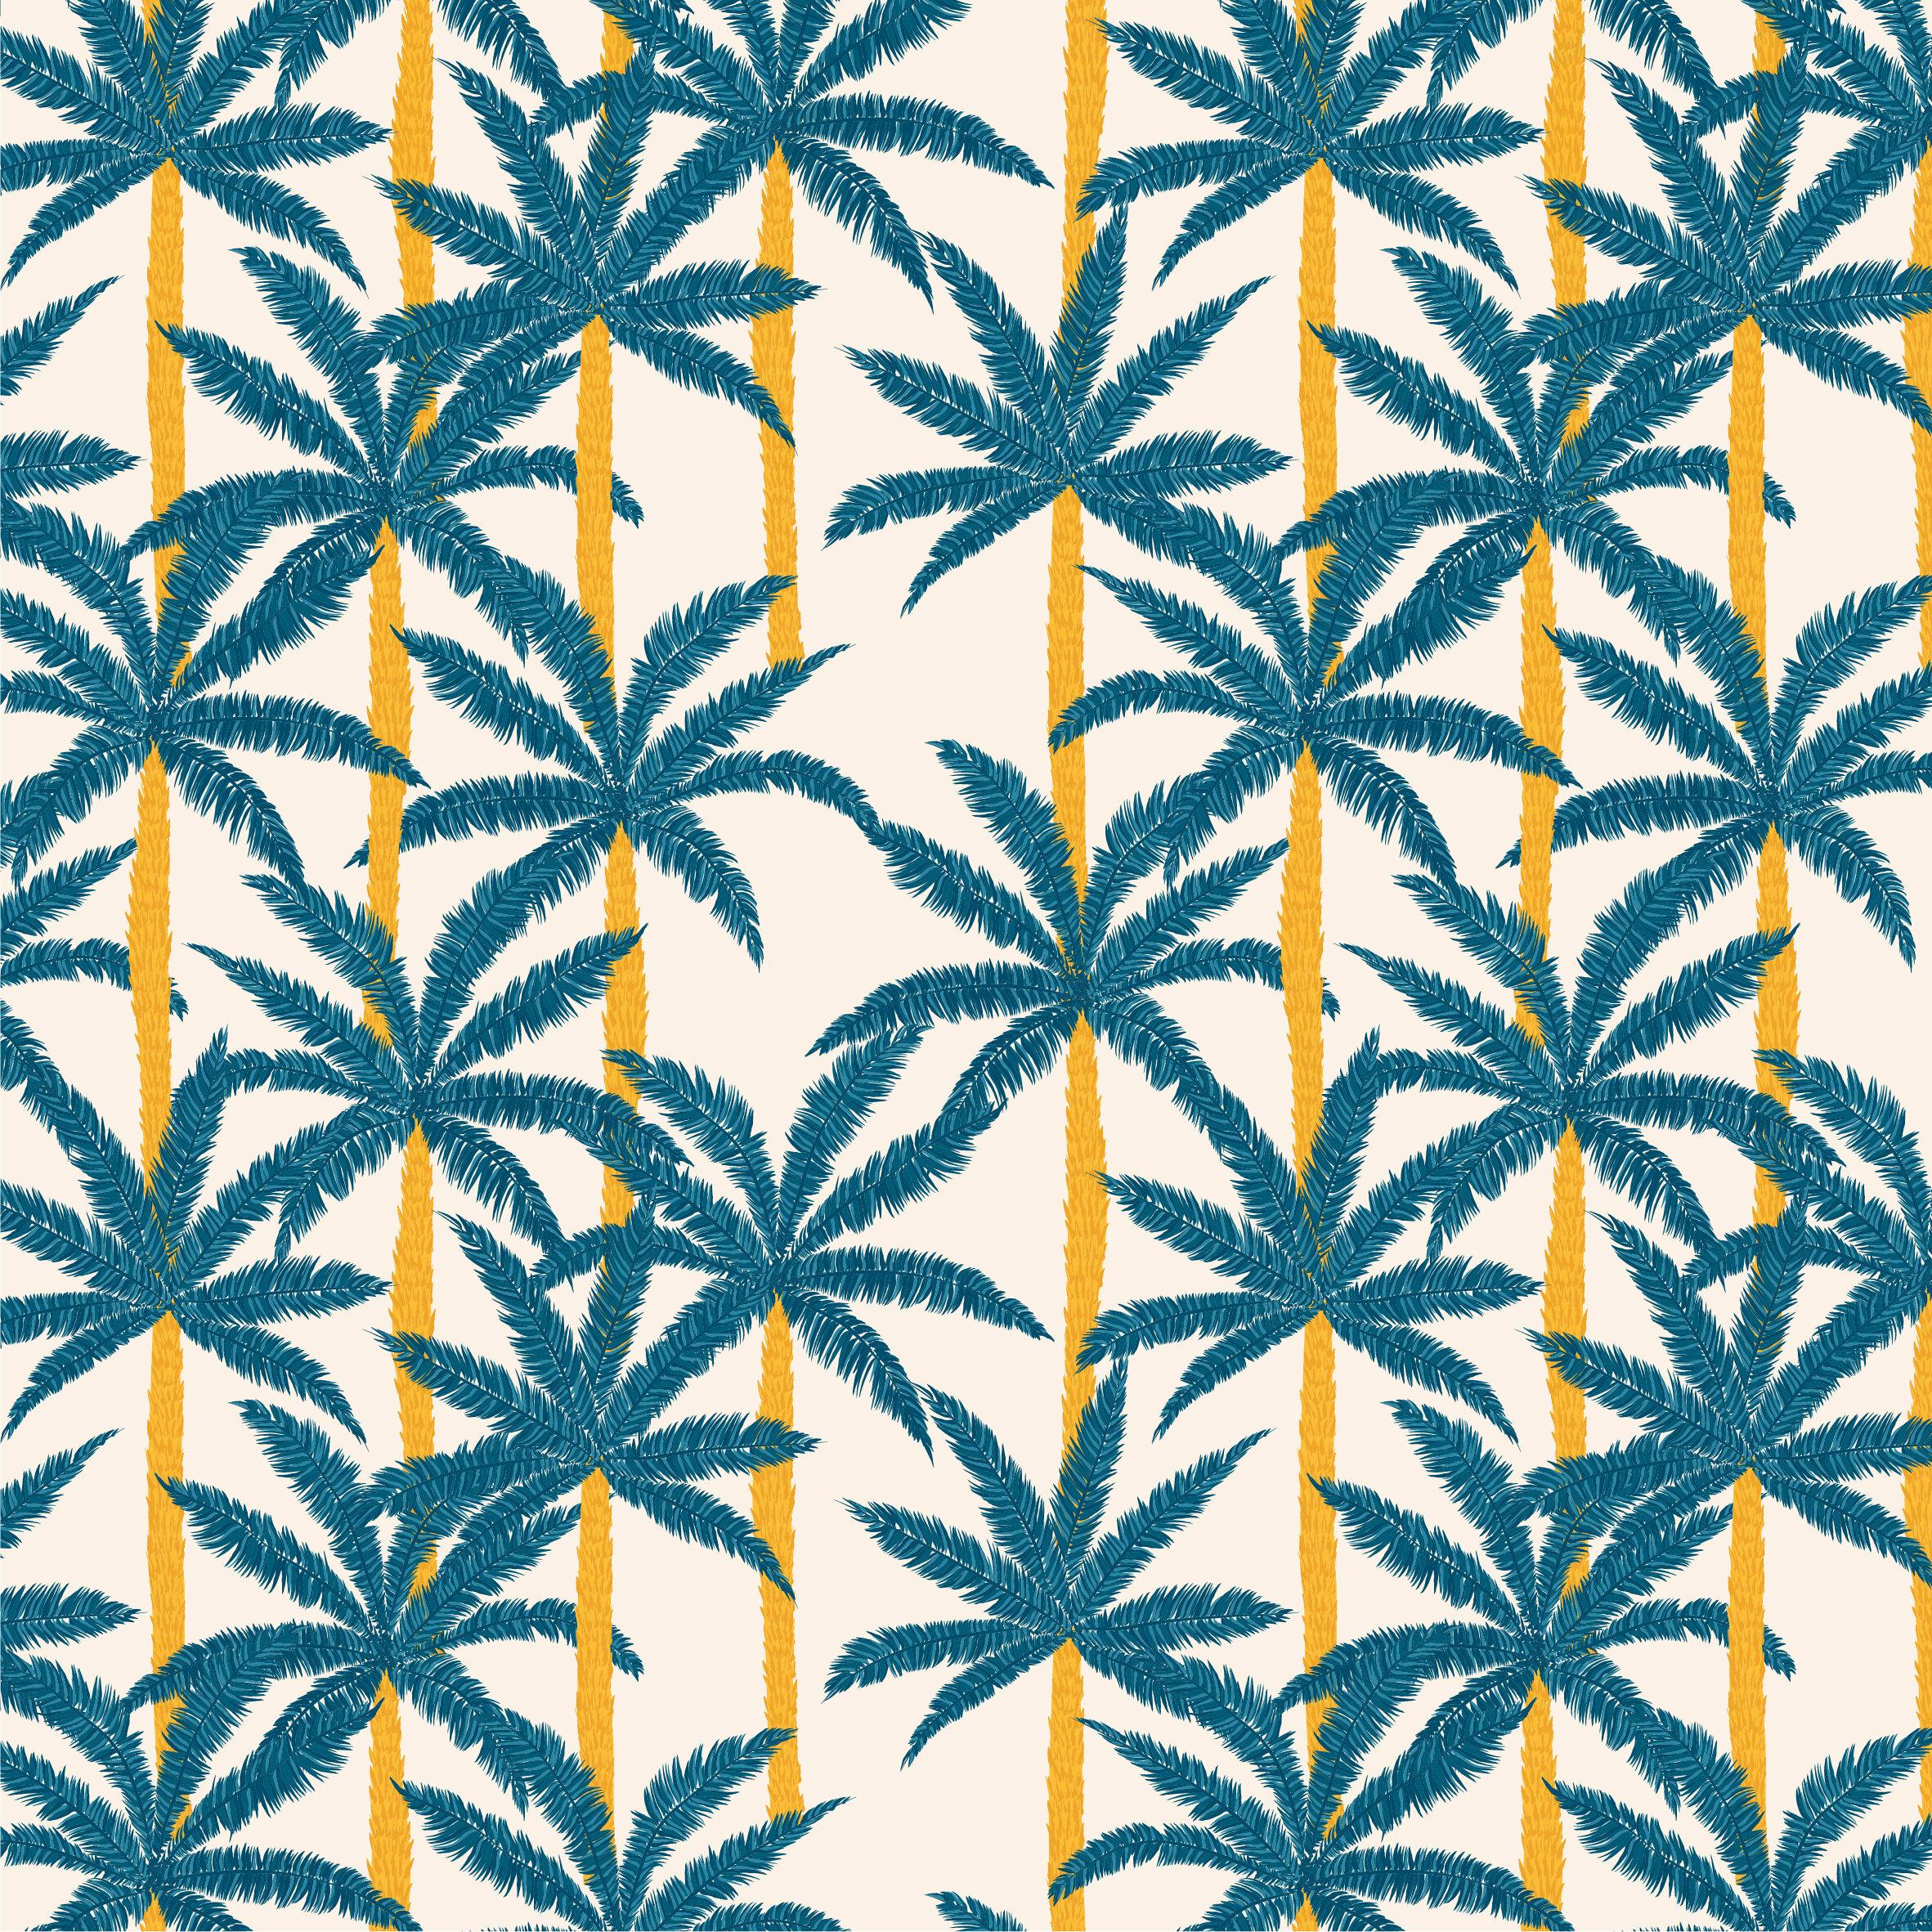 motif-palmiers-bleus